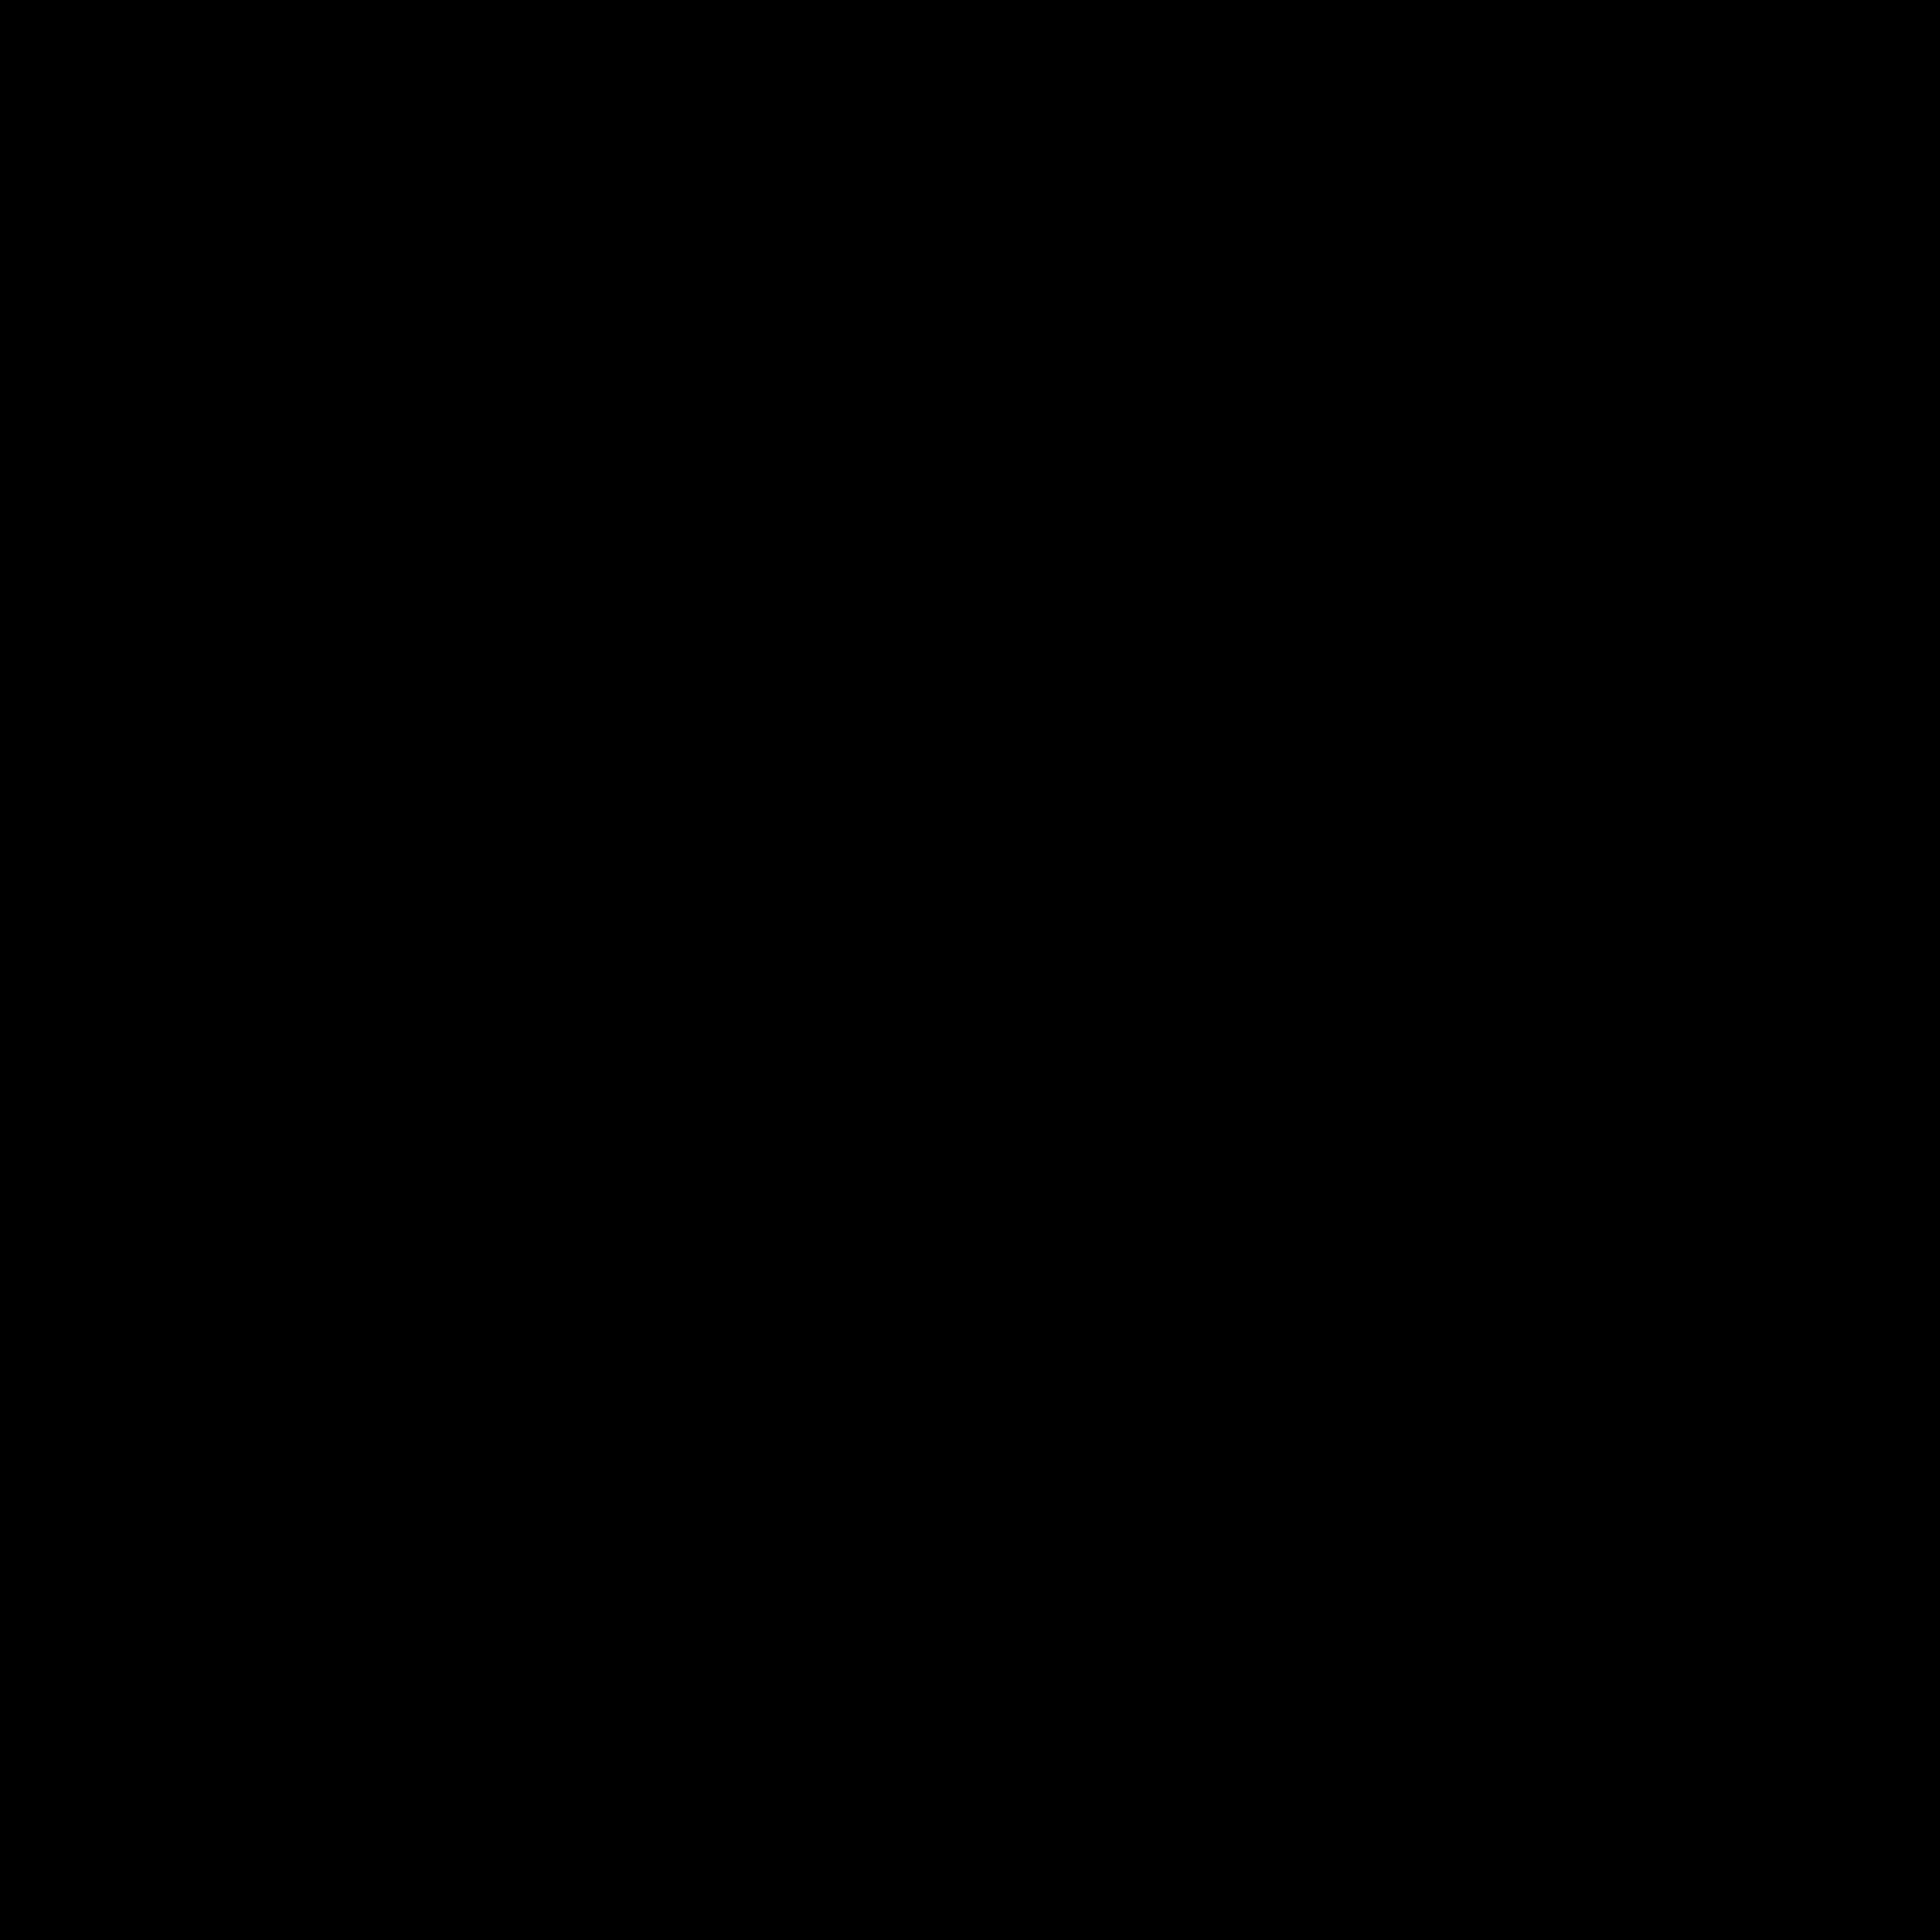 Steven Cazador on an adventure through space.